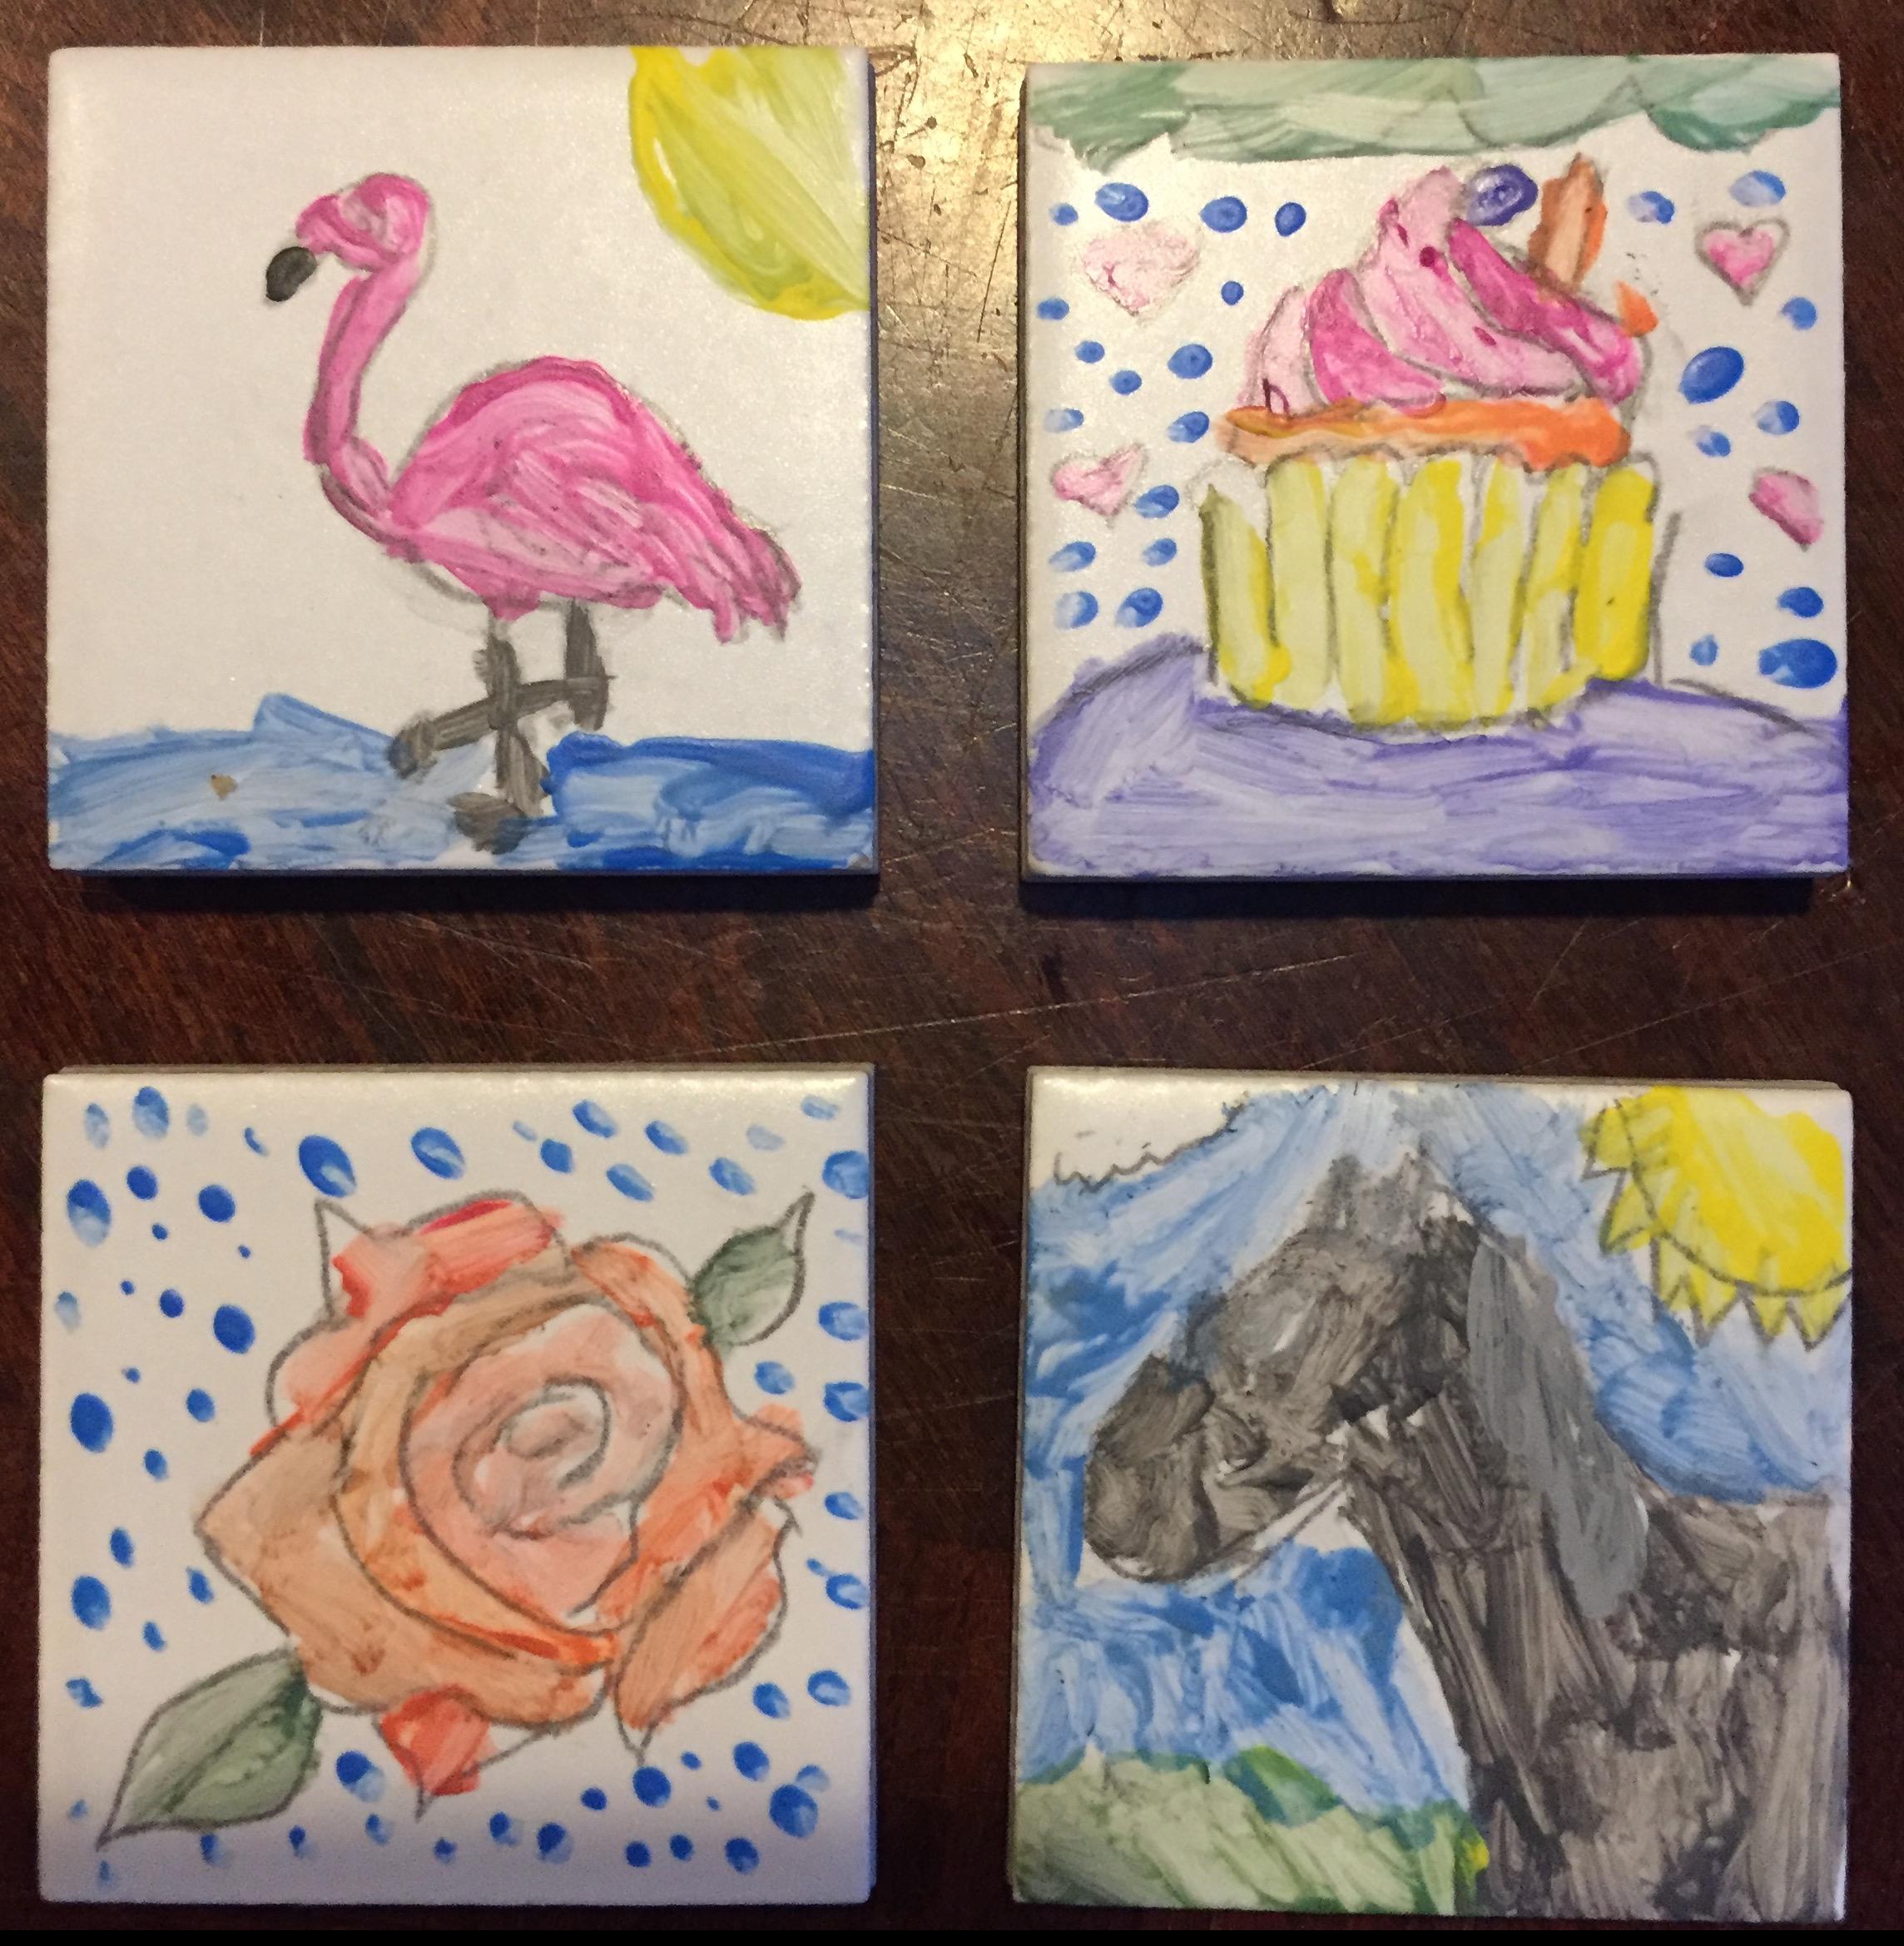 Magnetic Mini Tile Art DIY Craft Kit for kids